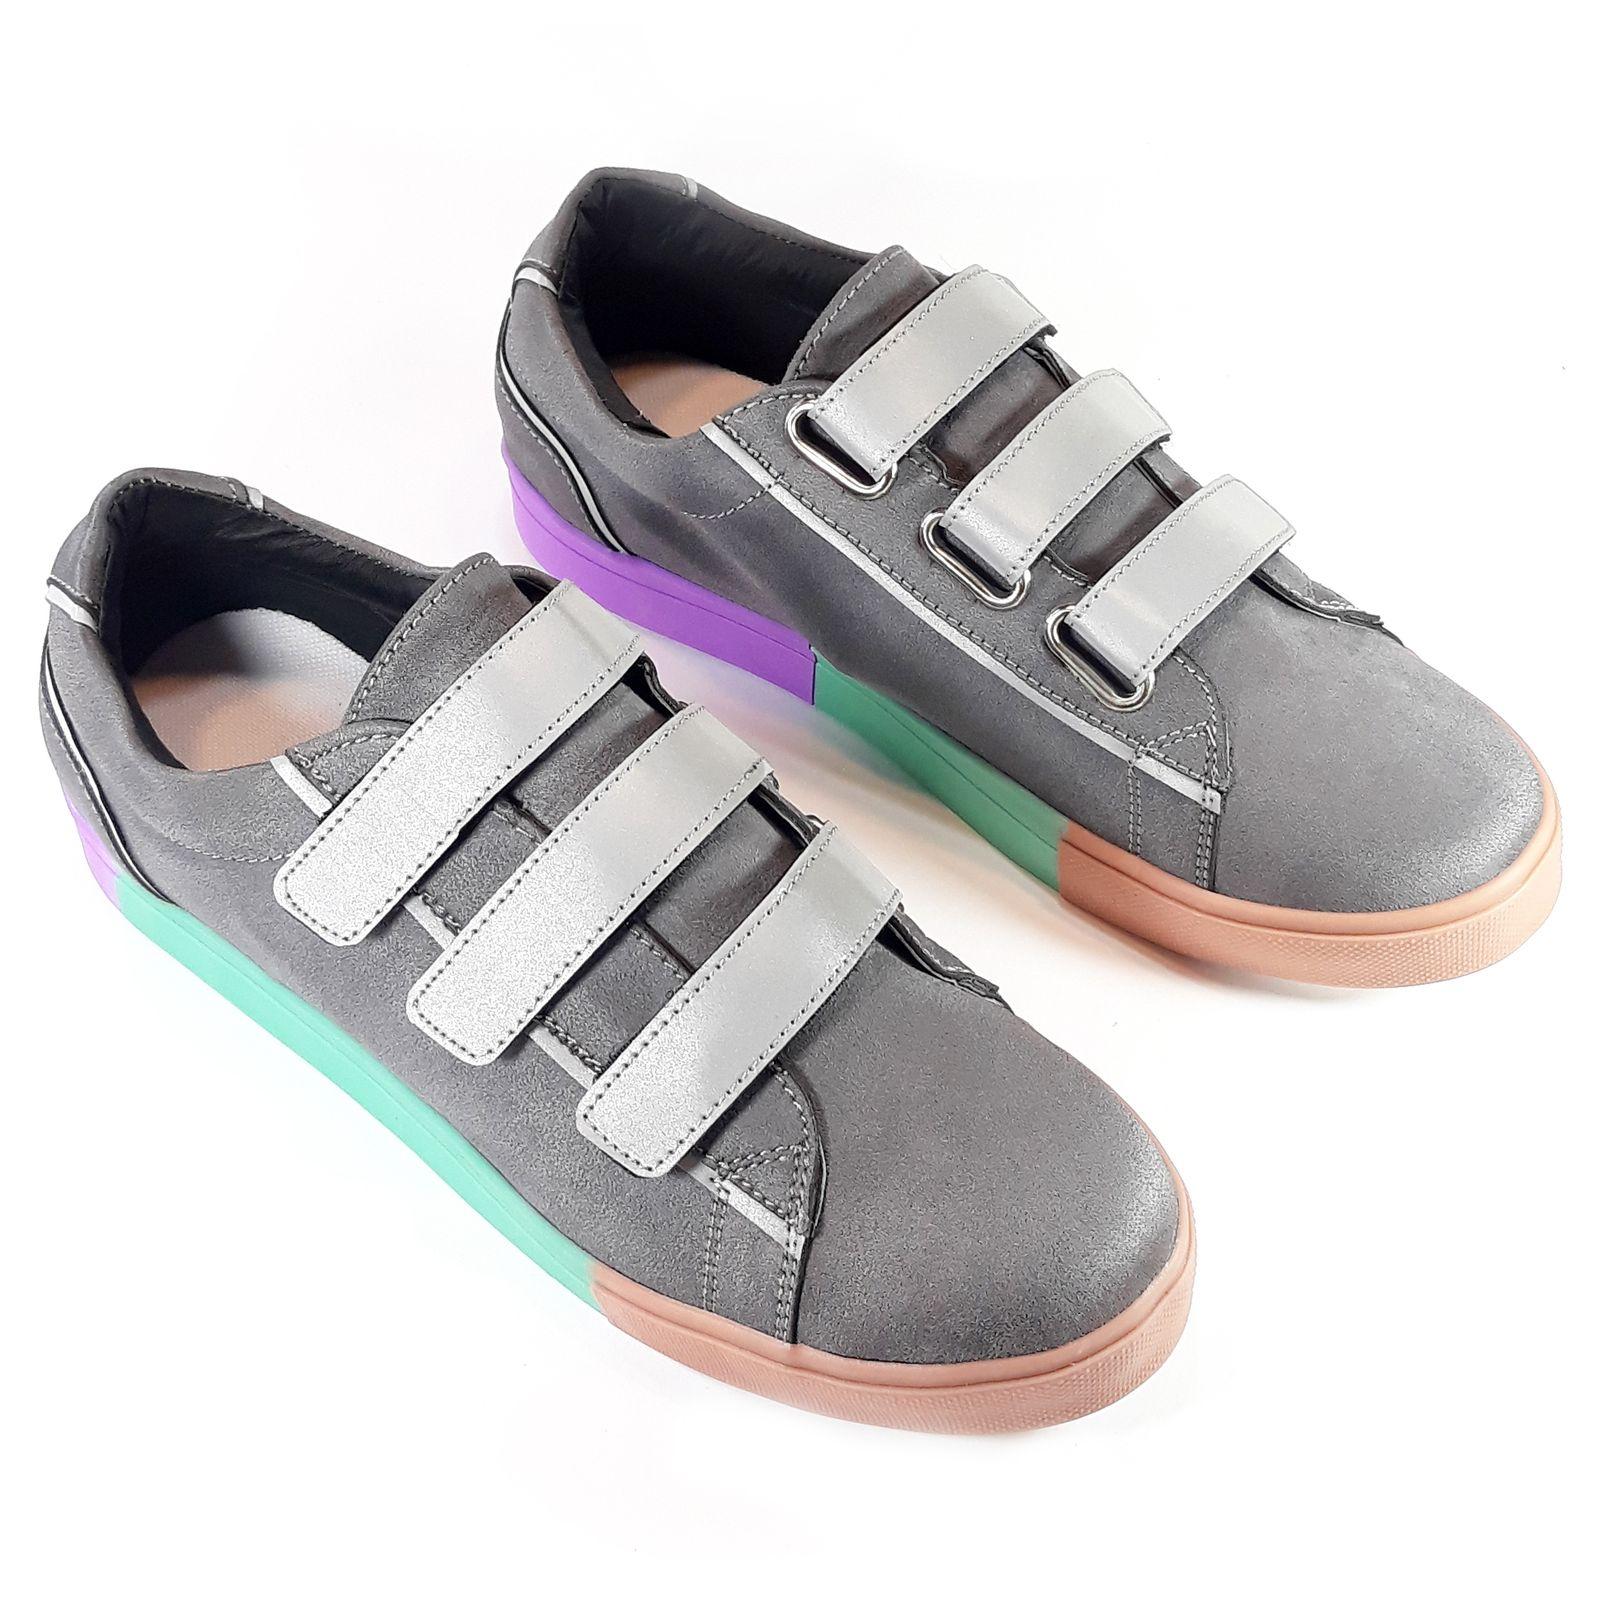 کفش روزمره زنانه کد 1106ST -  - 3